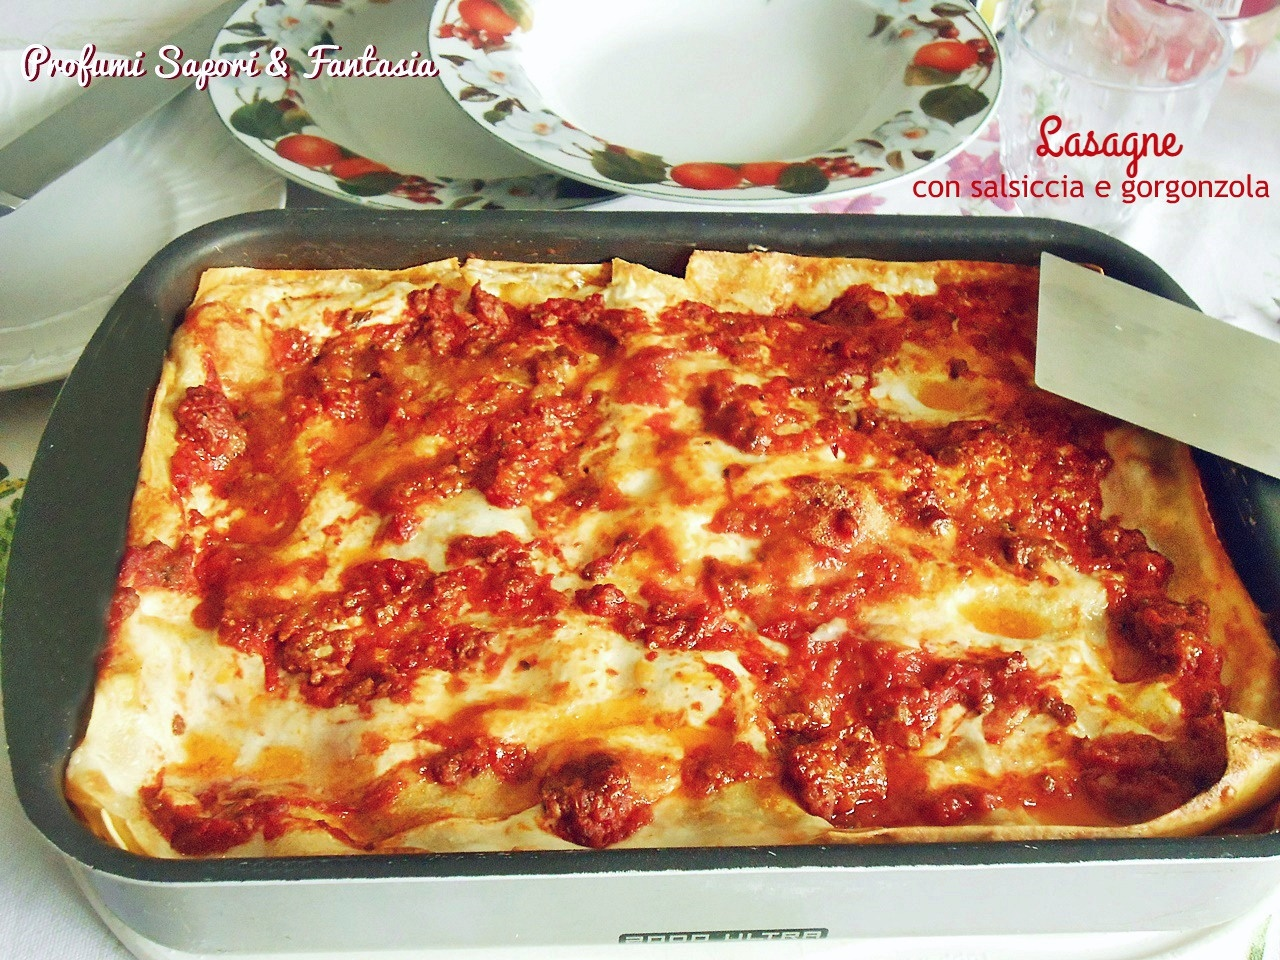 Lasagne con salsiccia e gorgonzola